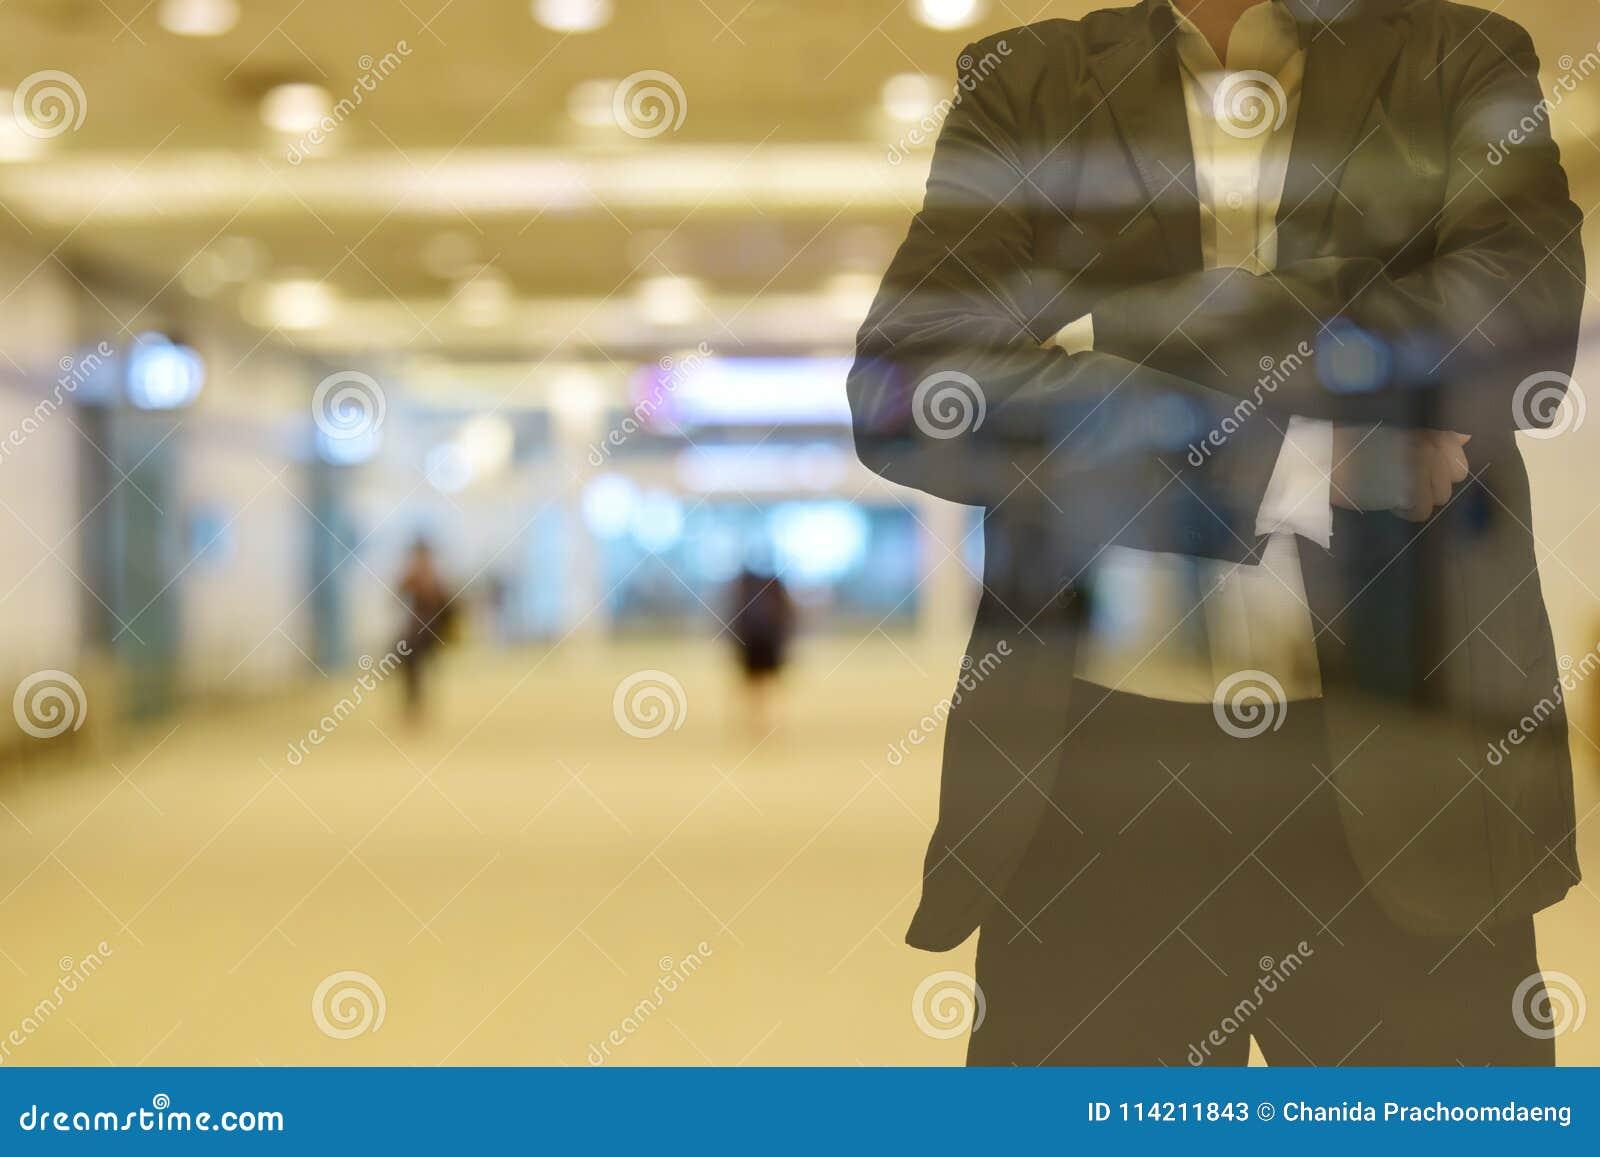 Tom da cor do borrão do fundo morno na manhã a passagem dentro da construção lá é pessoa O primeiro plano é um homem que veste um